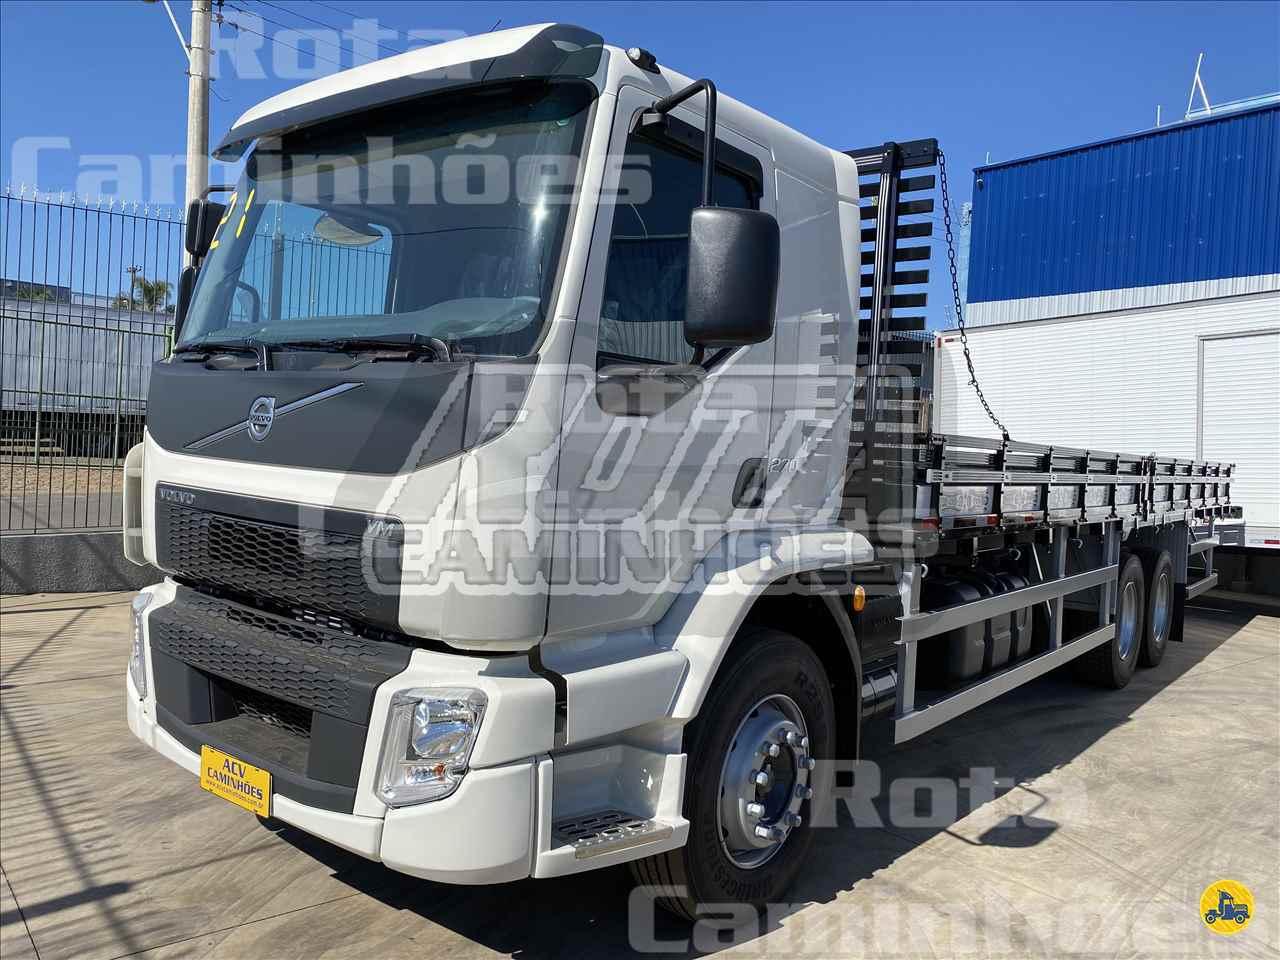 CAMINHAO VOLVO VOLVO VM 270 Carga Seca Truck 6x2 Rota Caminhões SUMARE SÃO PAULO SP